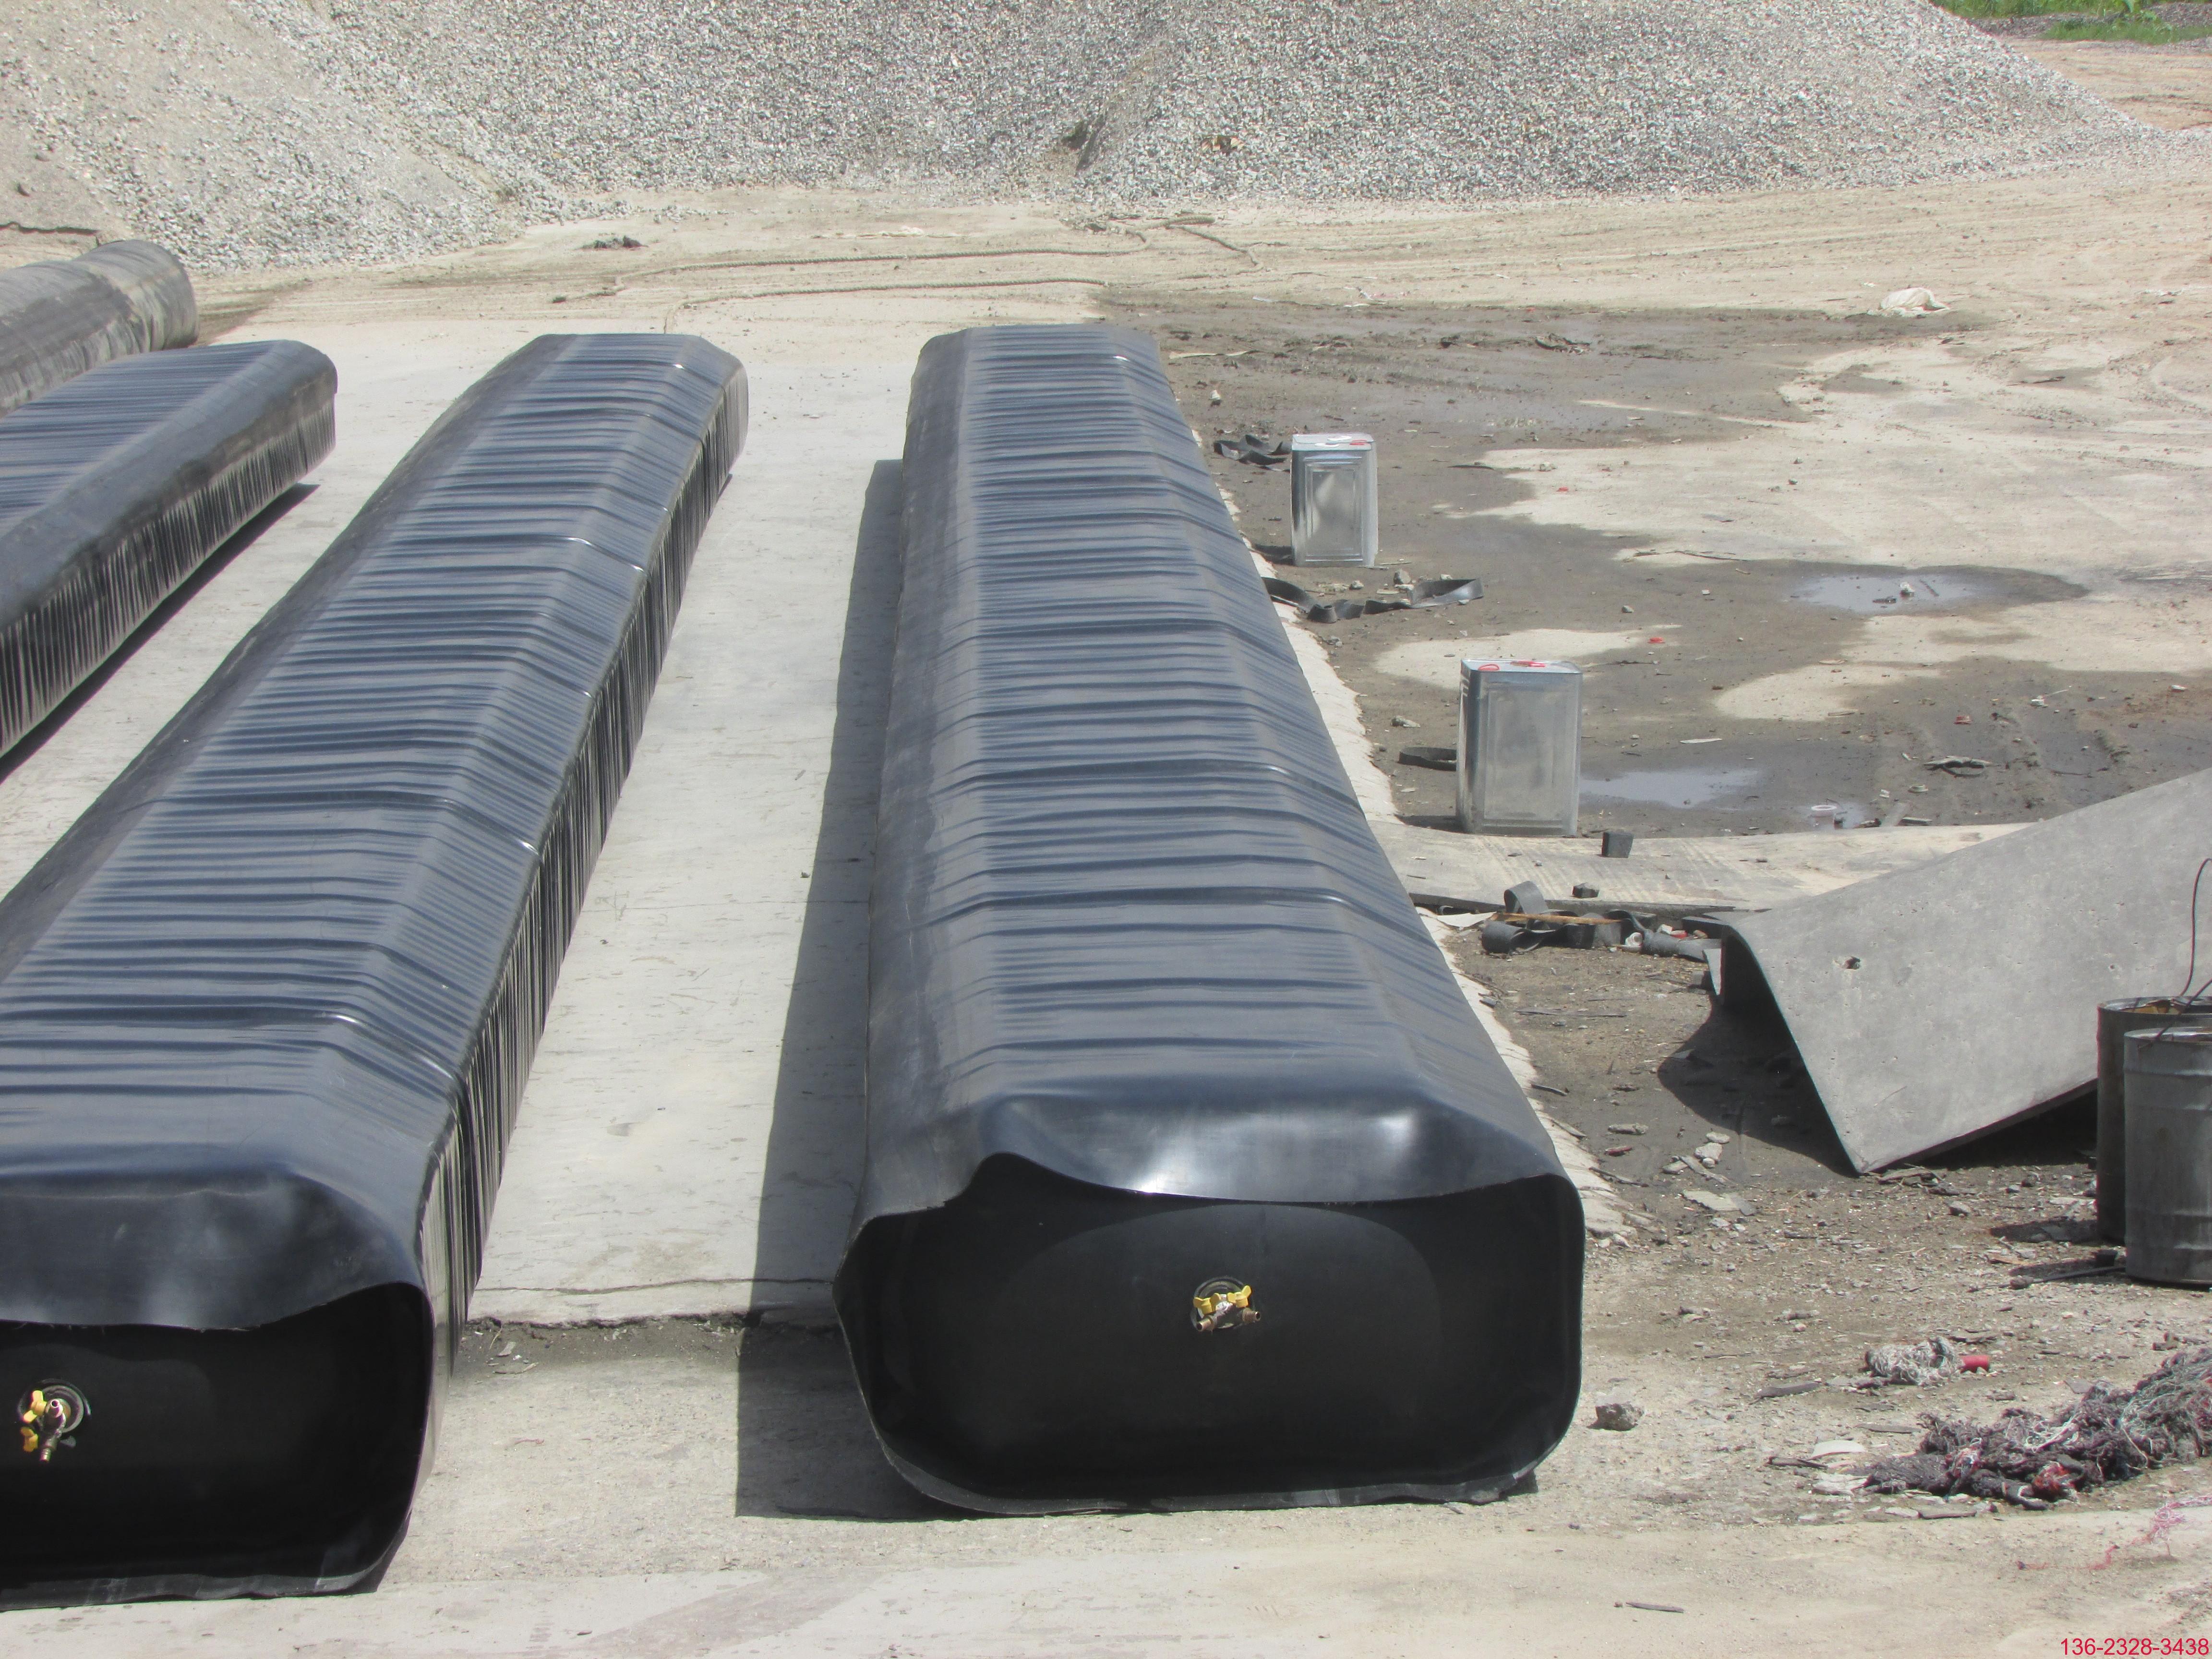 桥梁隧道排水边沟橡胶气囊内模 圆形边沟芯模批发2